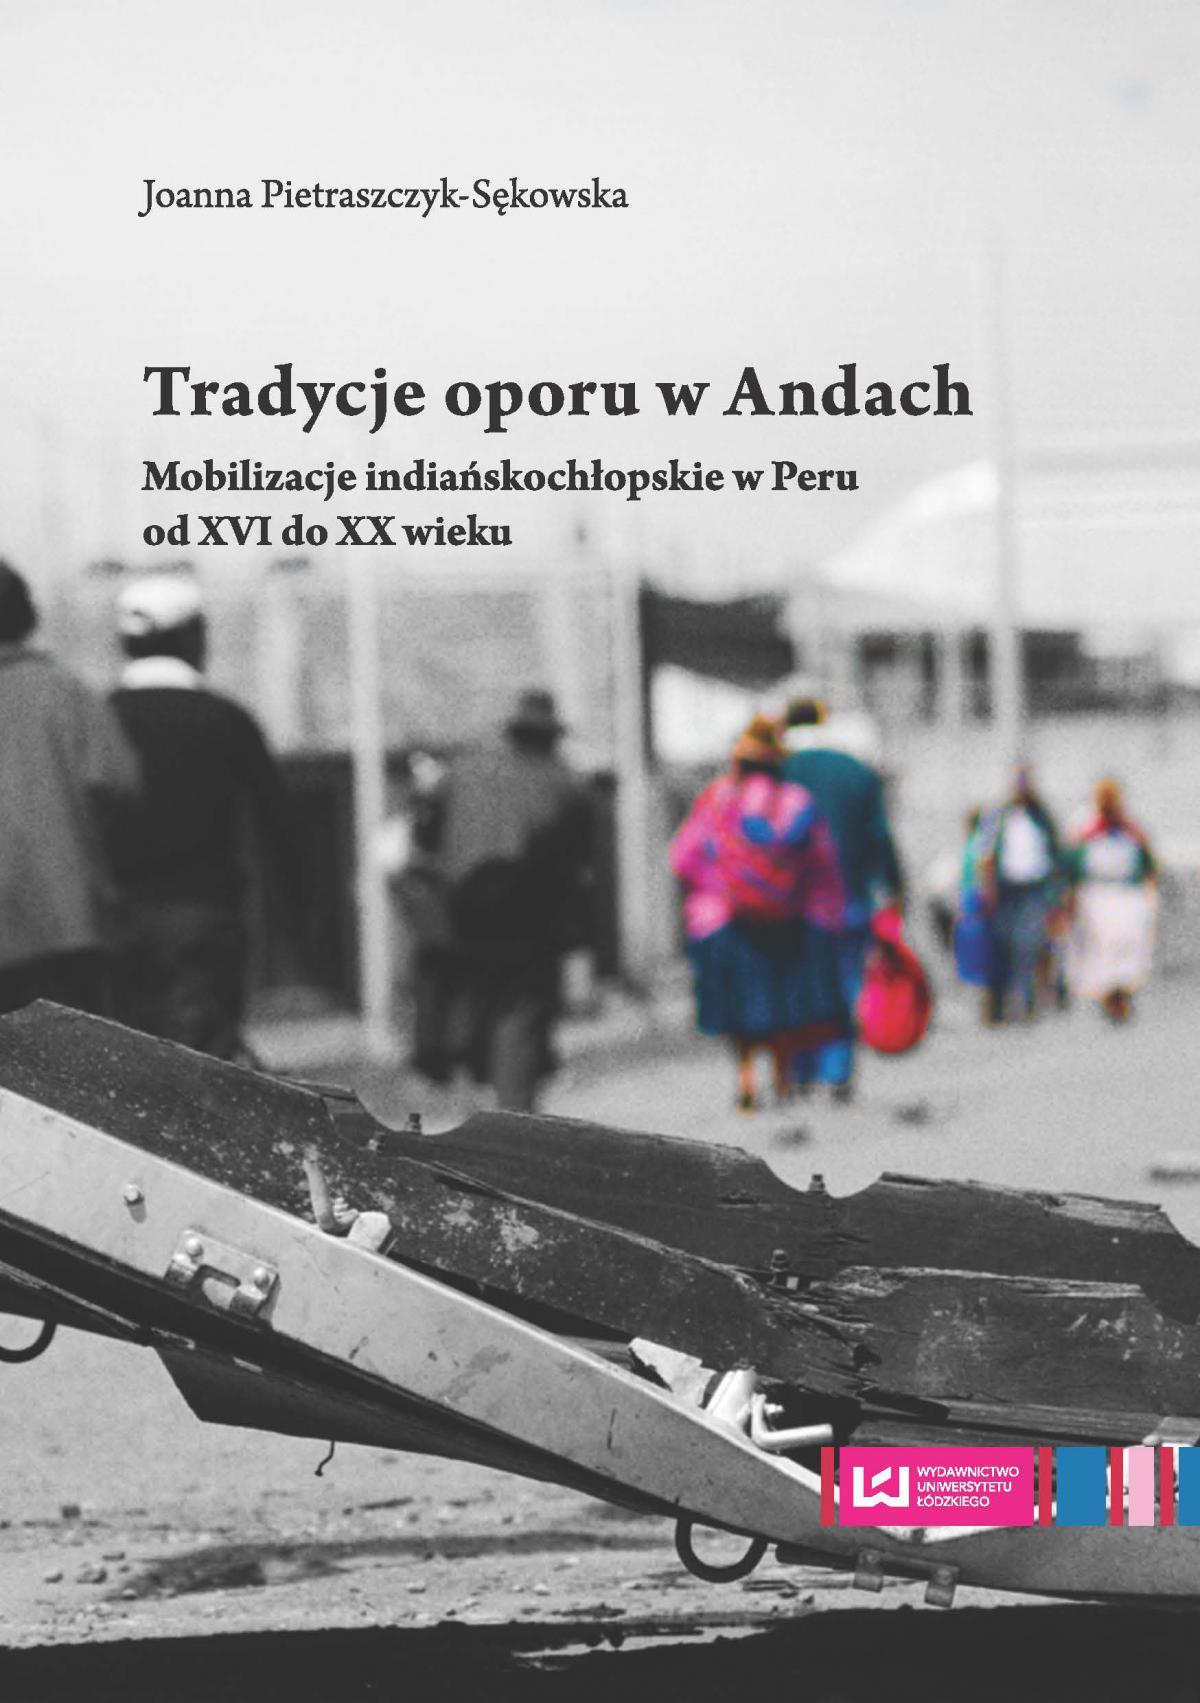 Tradycje oporu w Andach. Mobilizacje indiańskochłopskie w Peru od XVI do XX wieku - Ebook (Książka PDF) do pobrania w formacie PDF